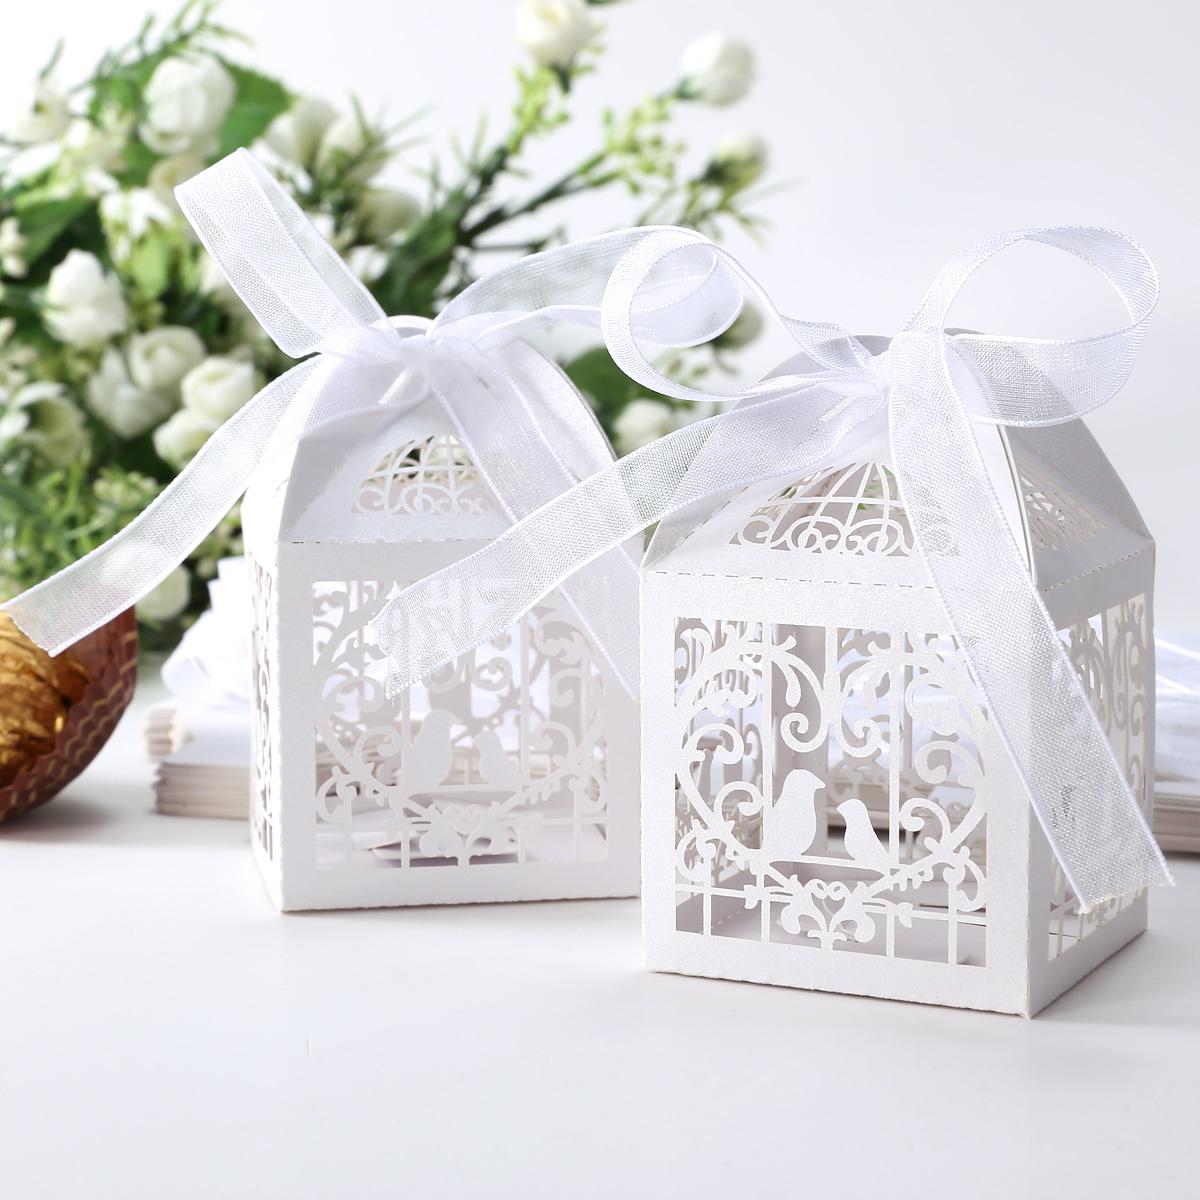 Bonboniere Hochzeit Selber Machen: Tolles Bonboniere